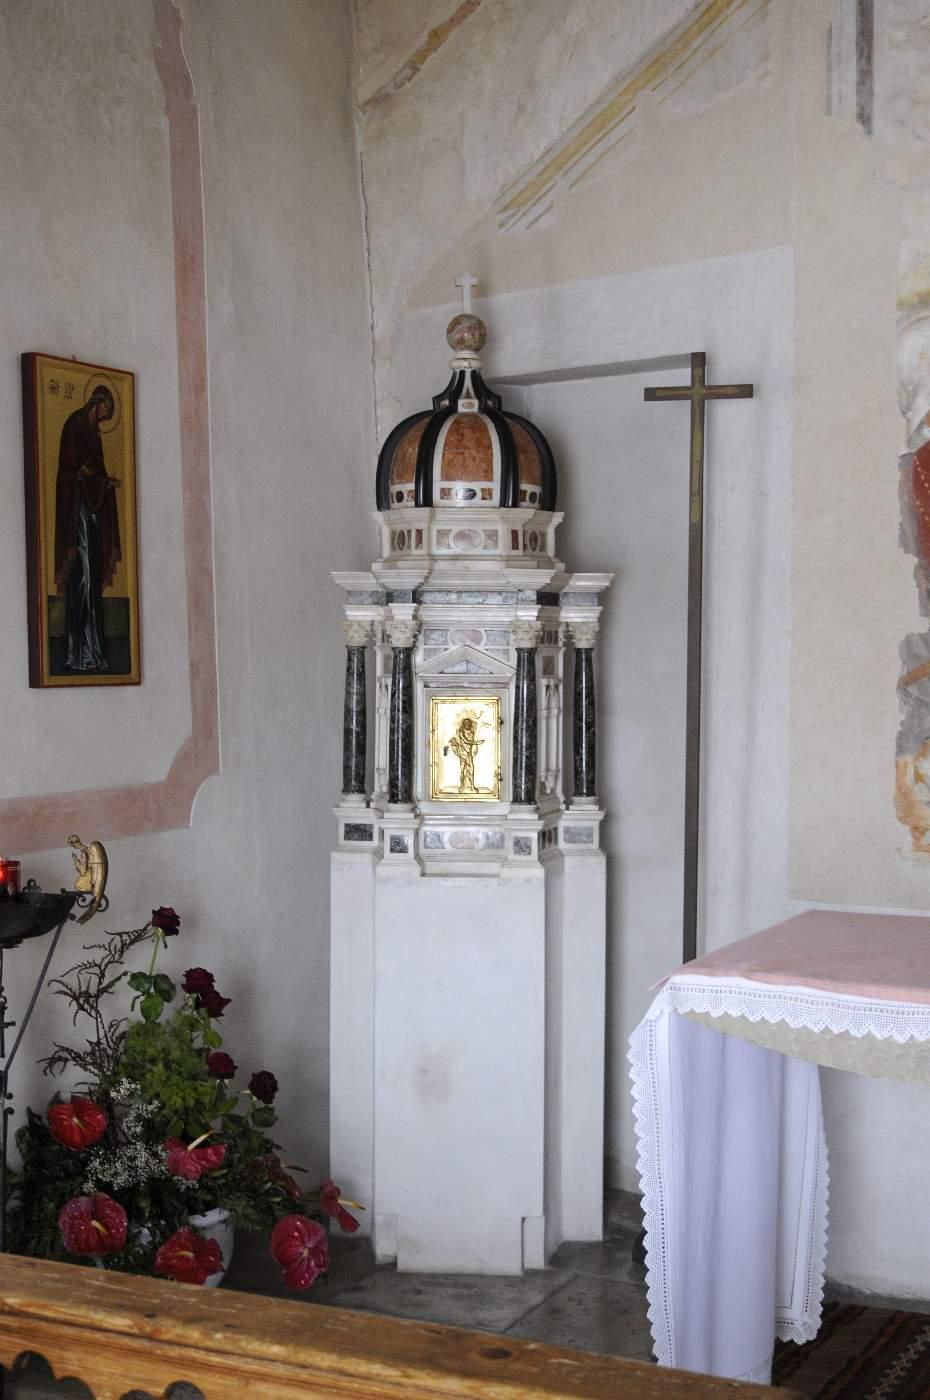 Conegliano-chiesa maria vergine dell'annunciazione